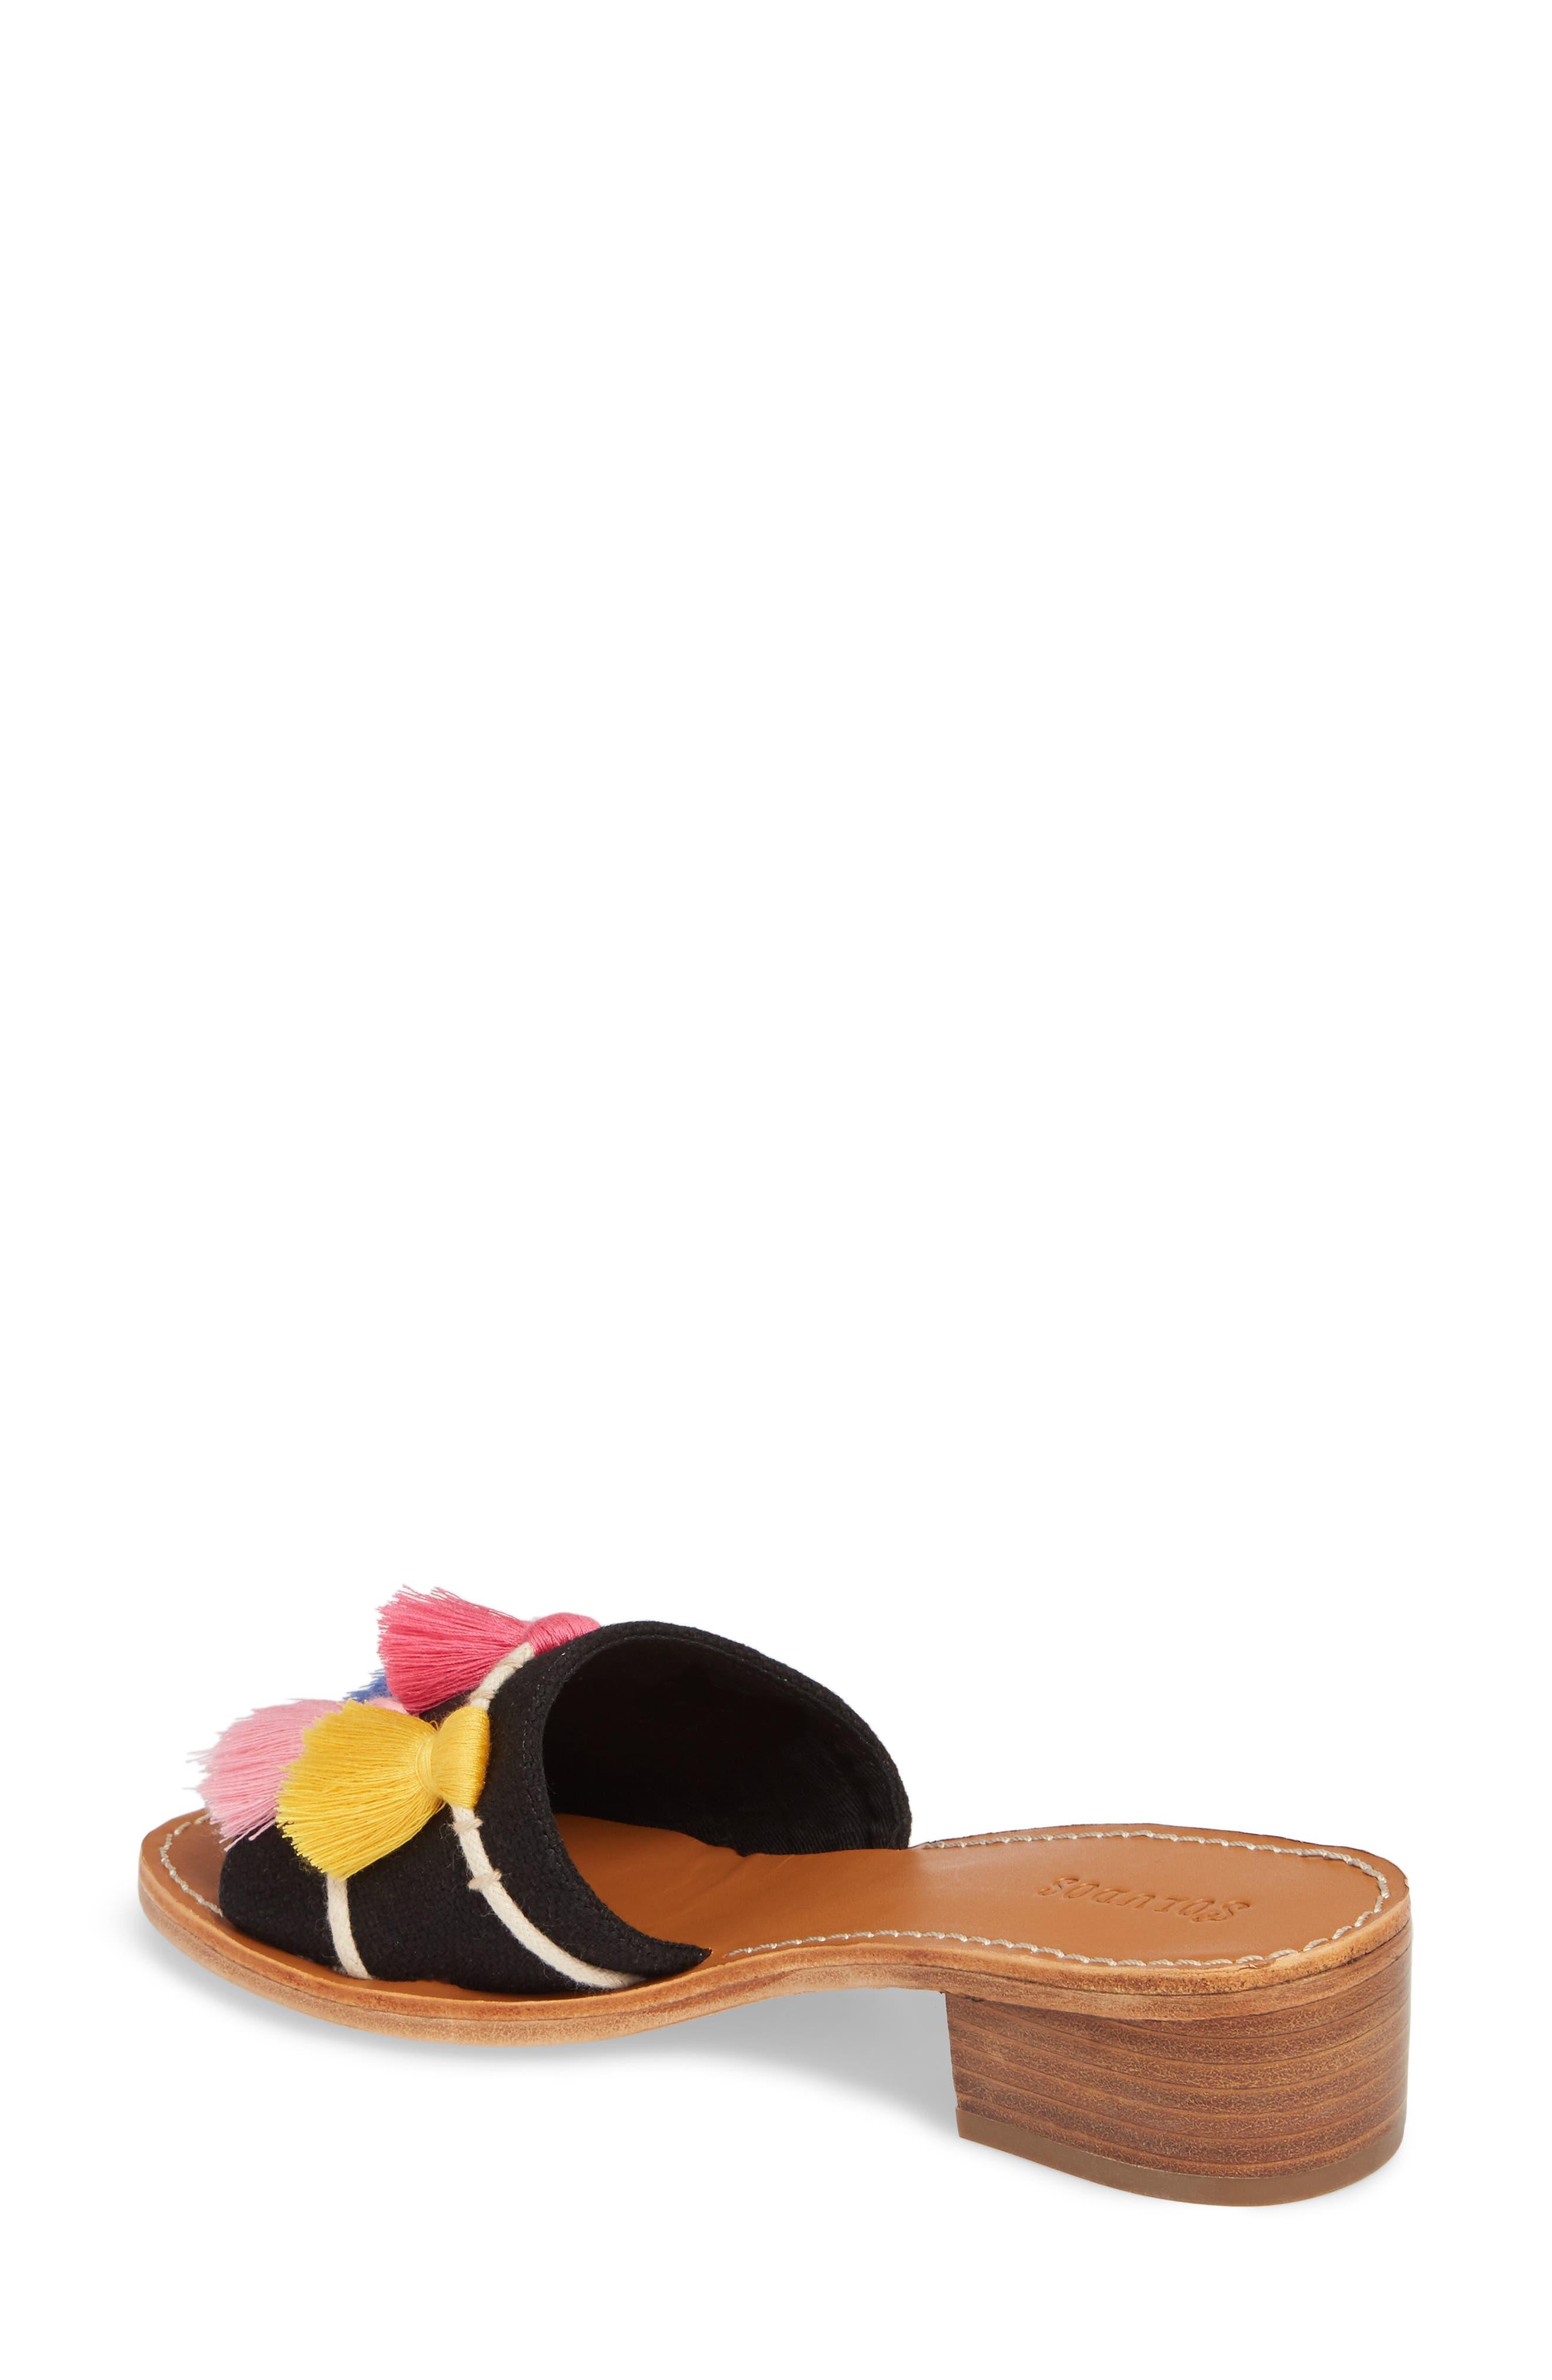 Tassel City Sandal,                             Alternate thumbnail 2, color,                             001